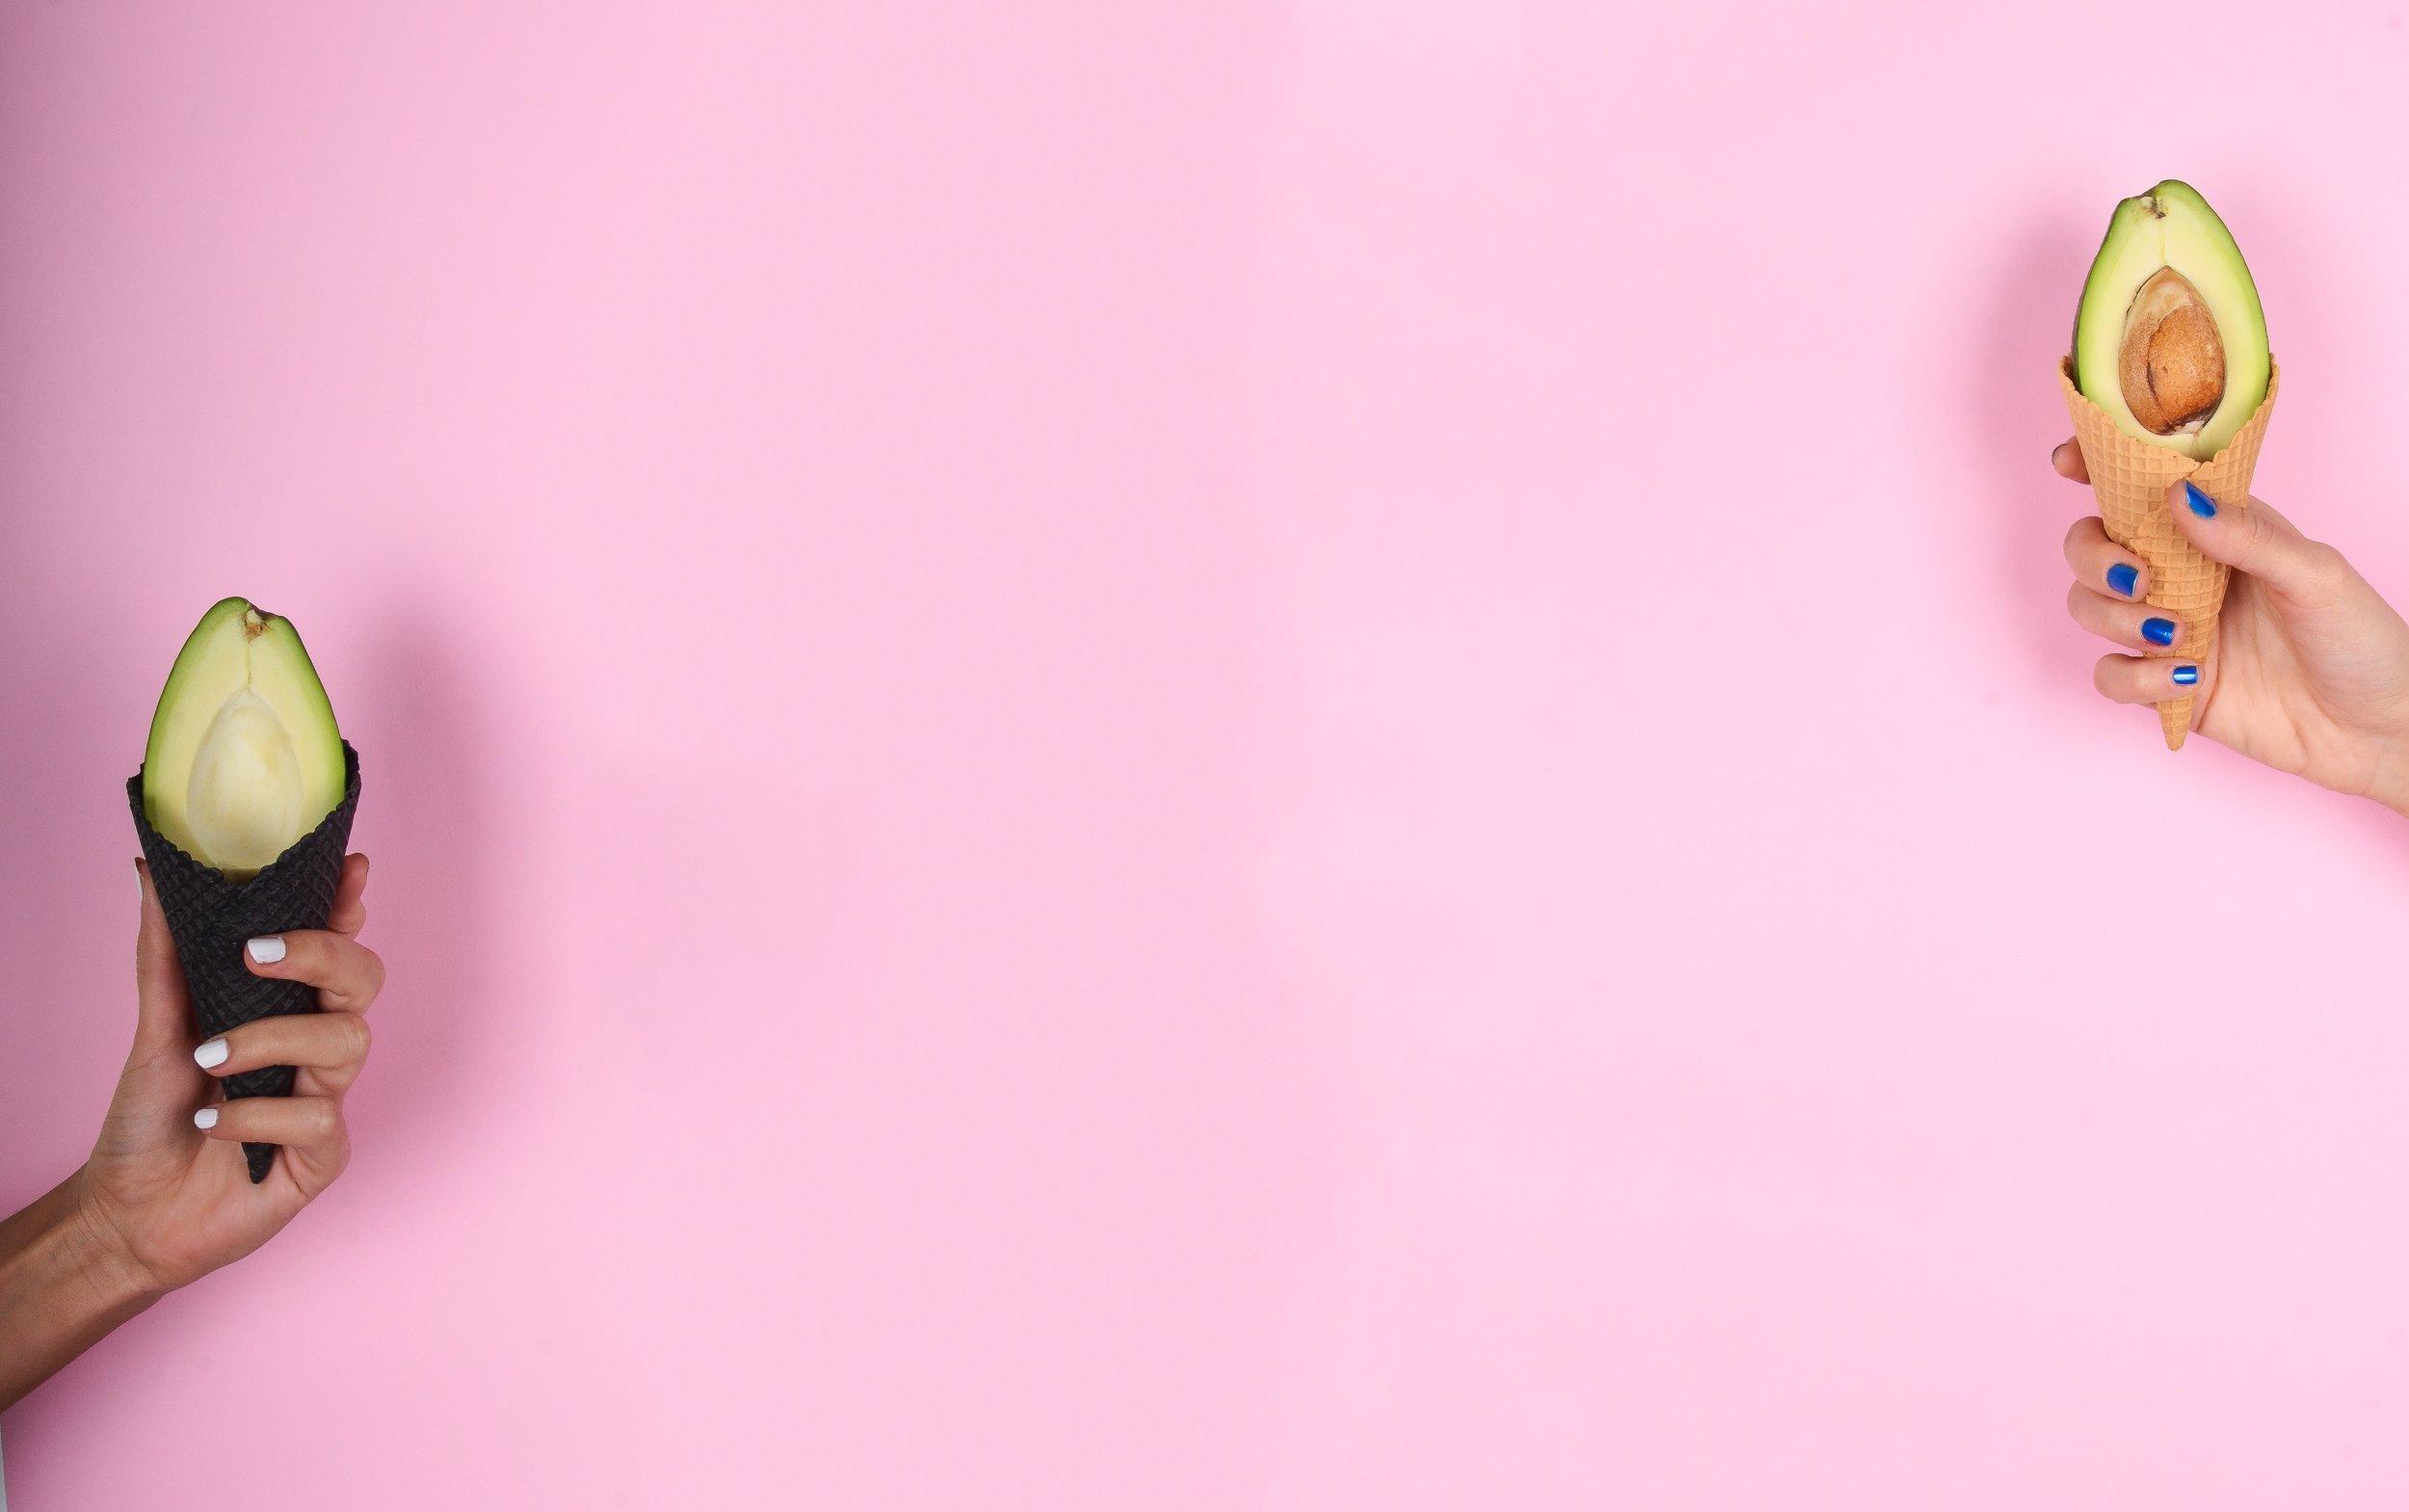 This is a poster image headline. - Vestibulum id ligula porta felis euismod semper. Fusce dapibus, tellus ac cursus commodo, tortor mauris condimentum nibh, ut fermentum massa justo sit amet risus.